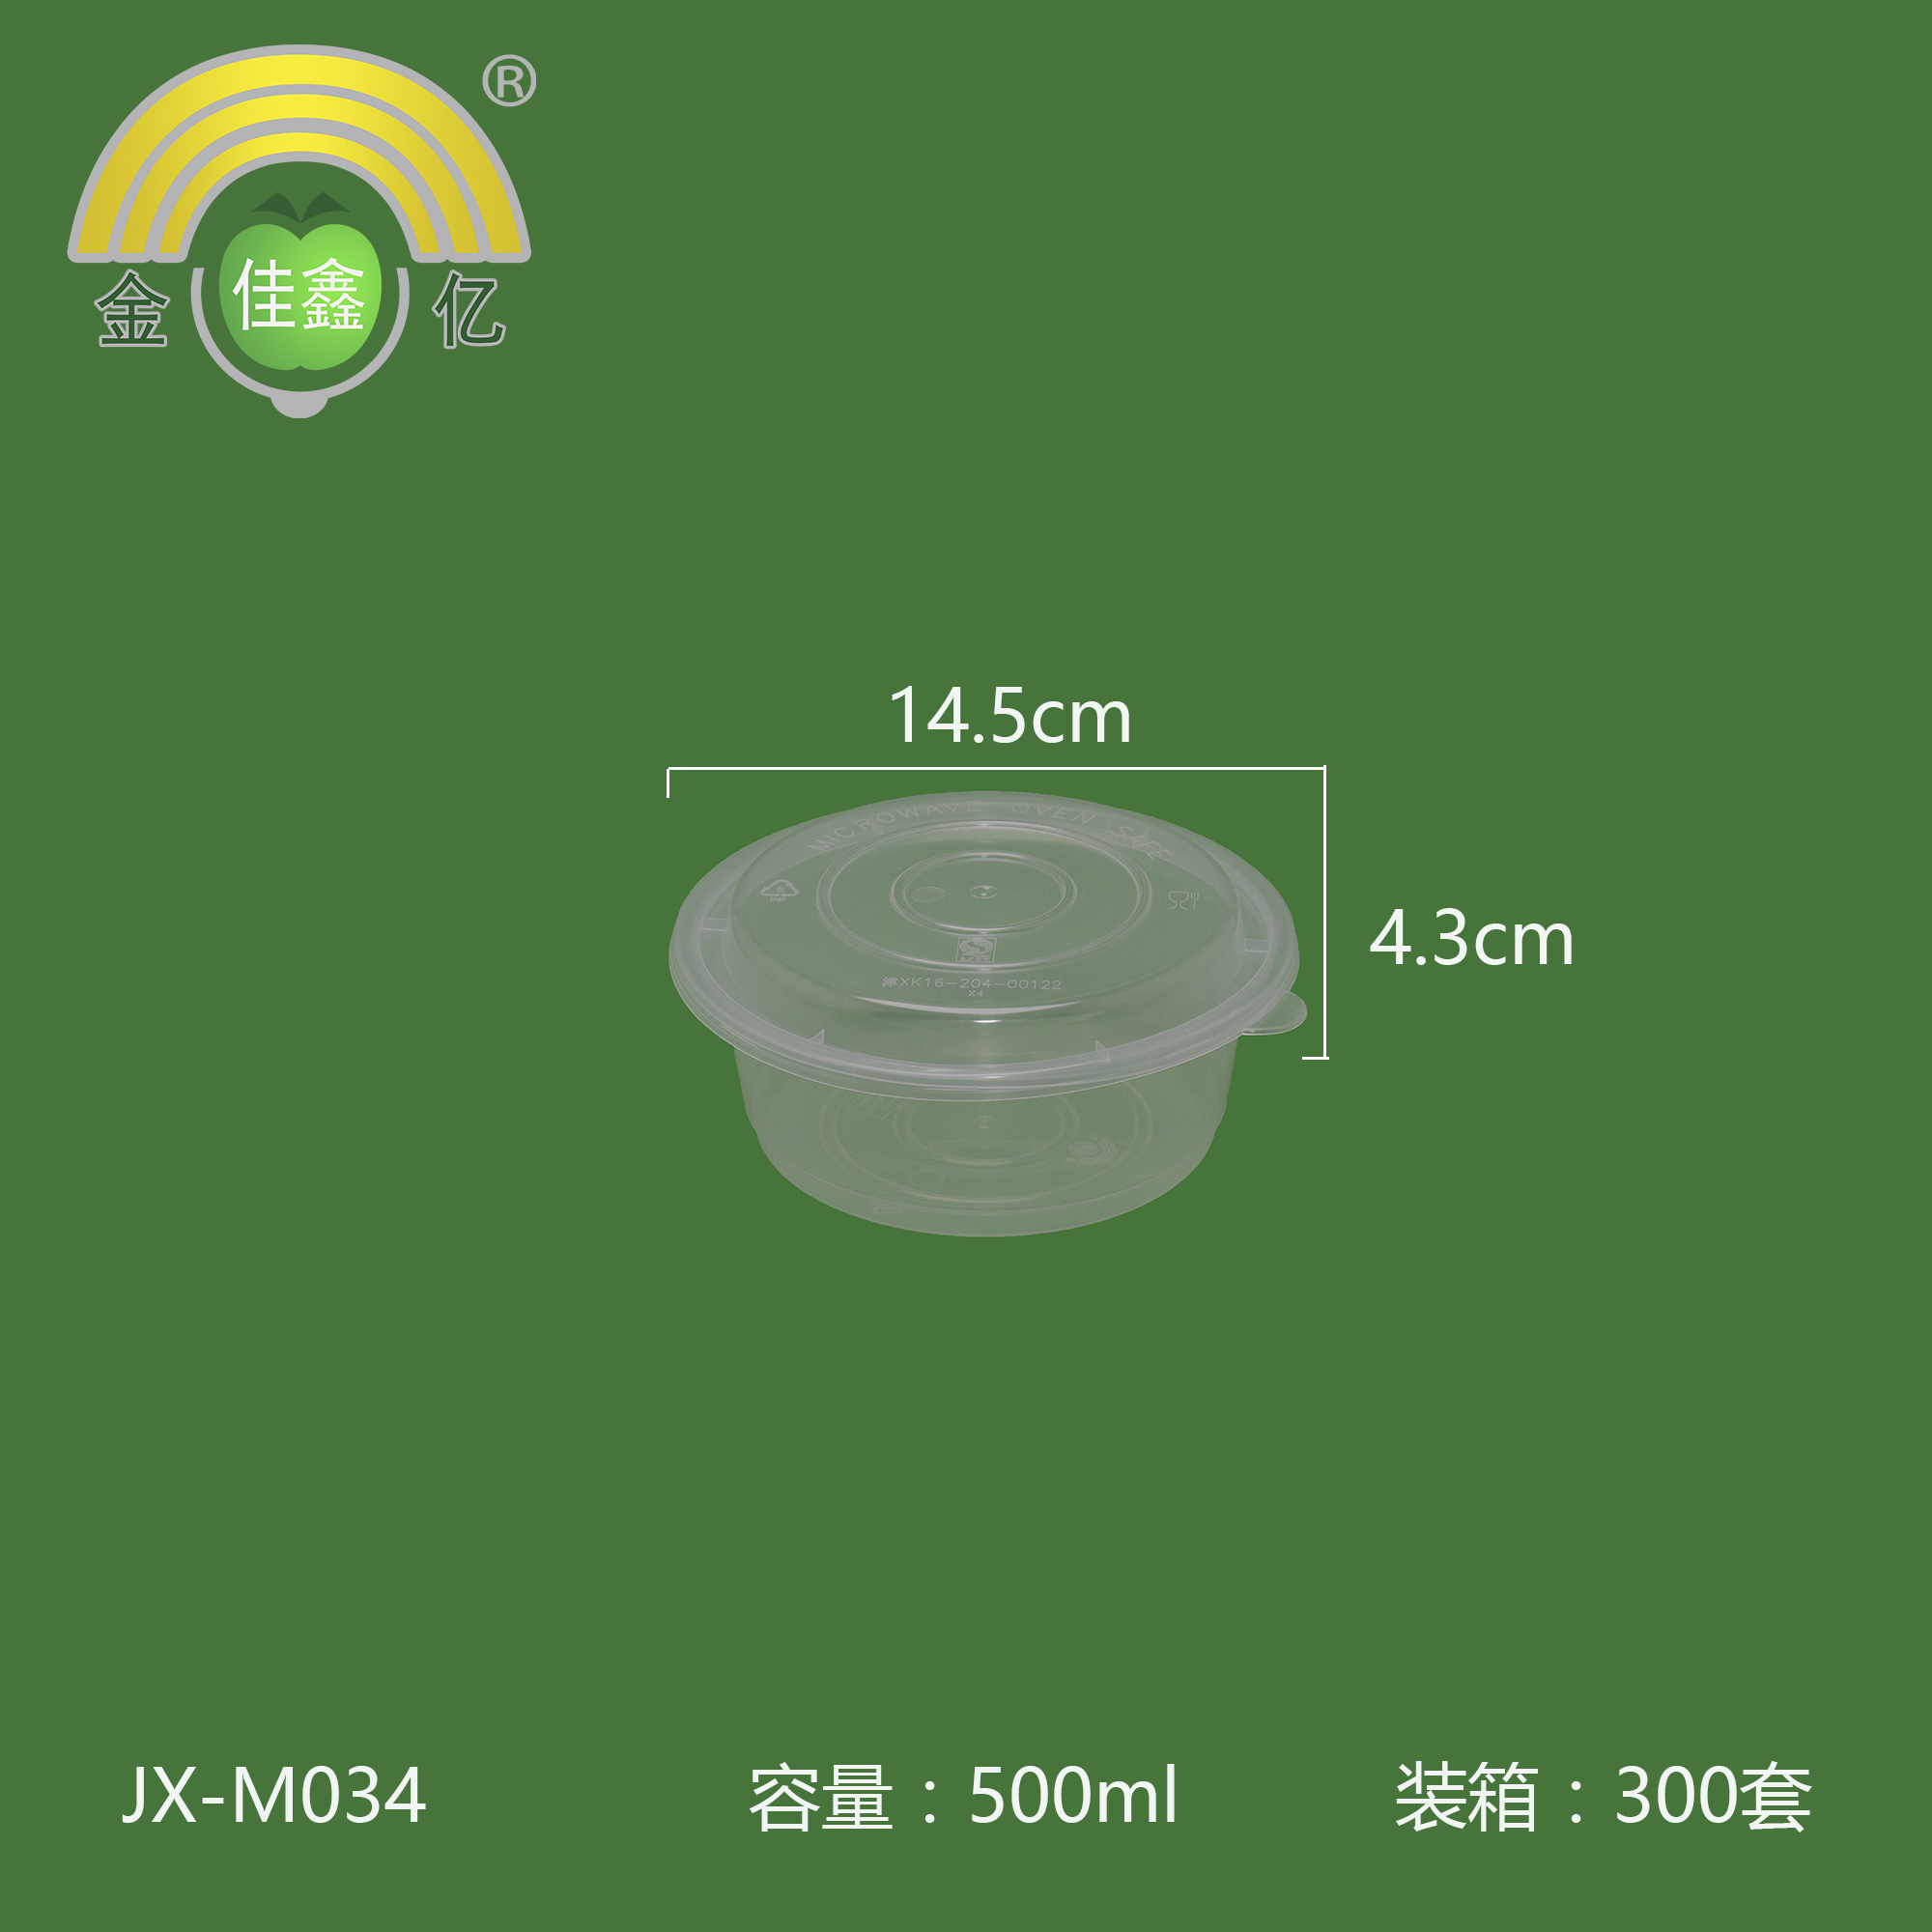 金亿佳鑫   高盖中圆碗   JX-M034